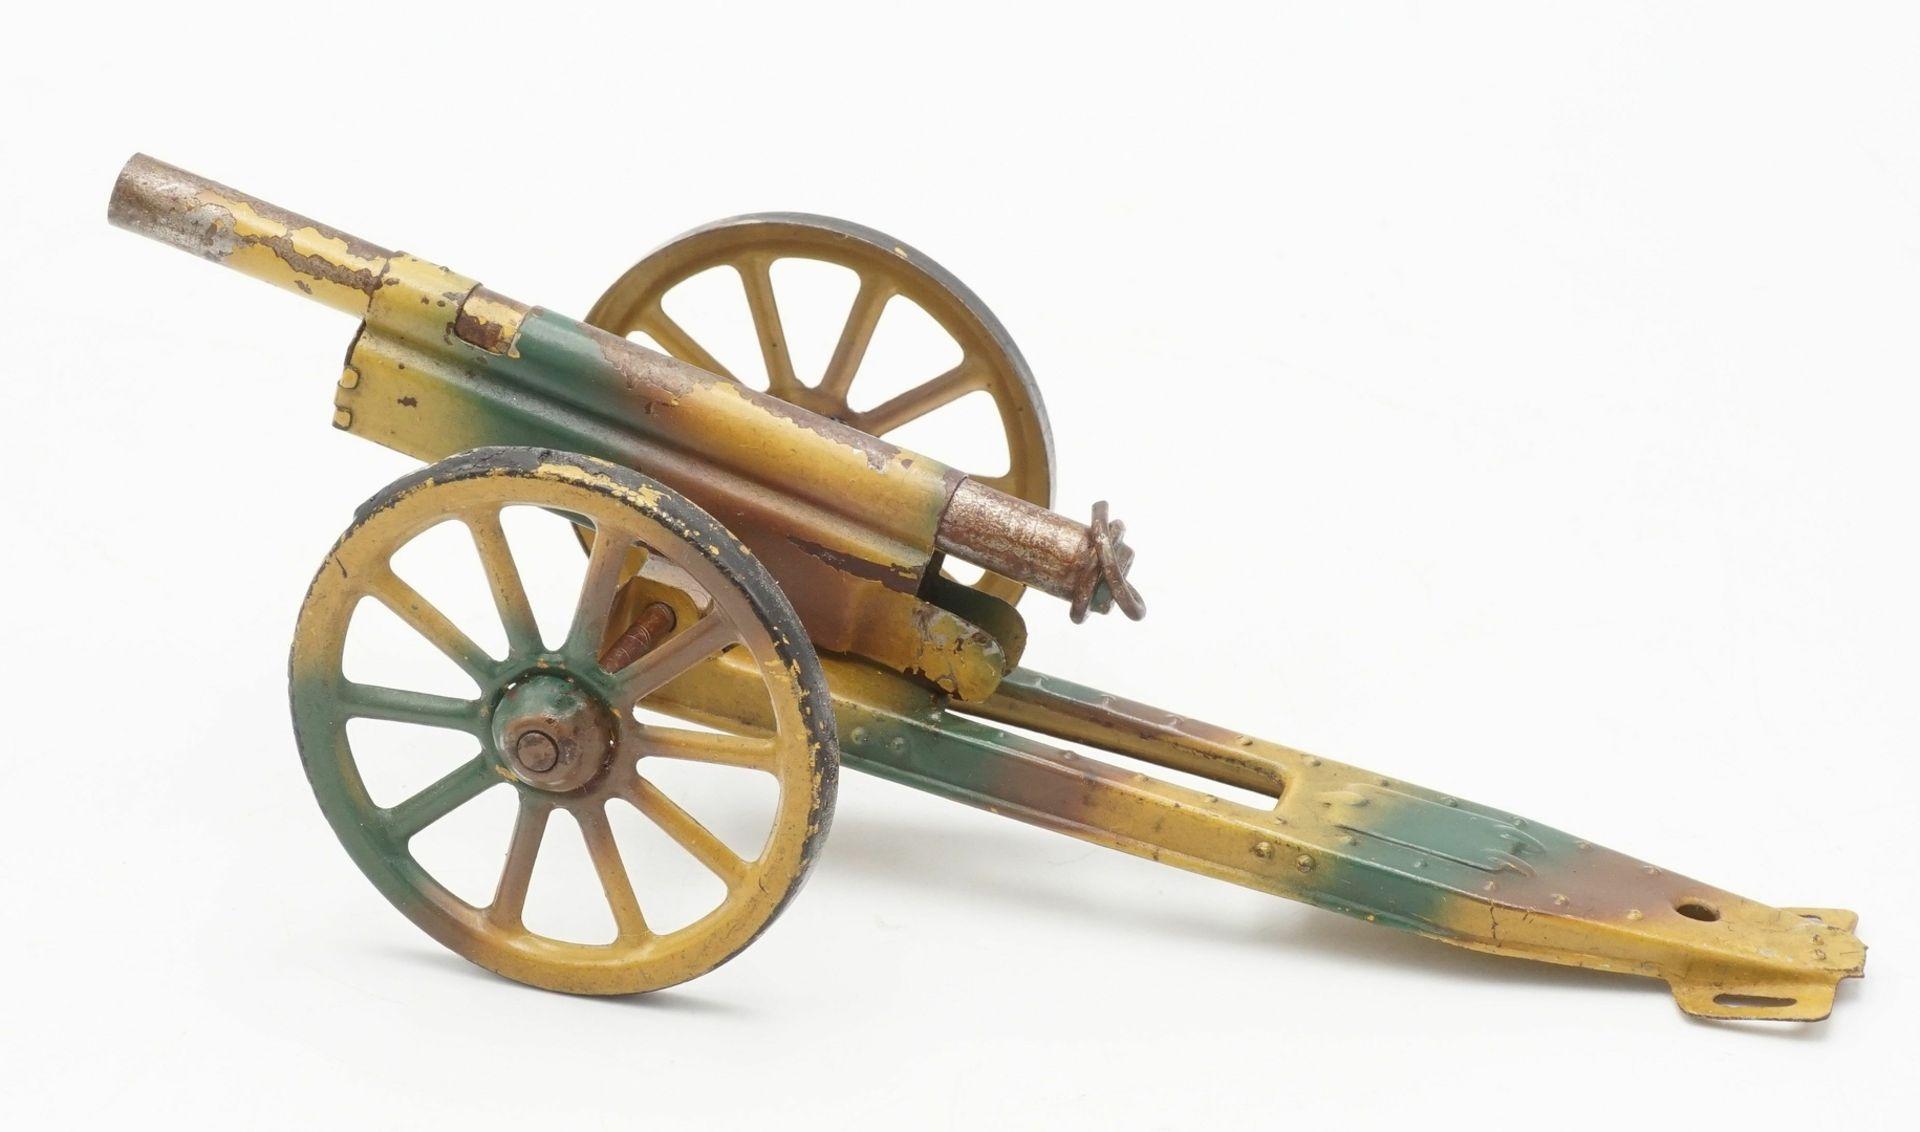 Sieben Blech Geschütze, 1. Hälfte 20. Jh. - Bild 6 aus 7